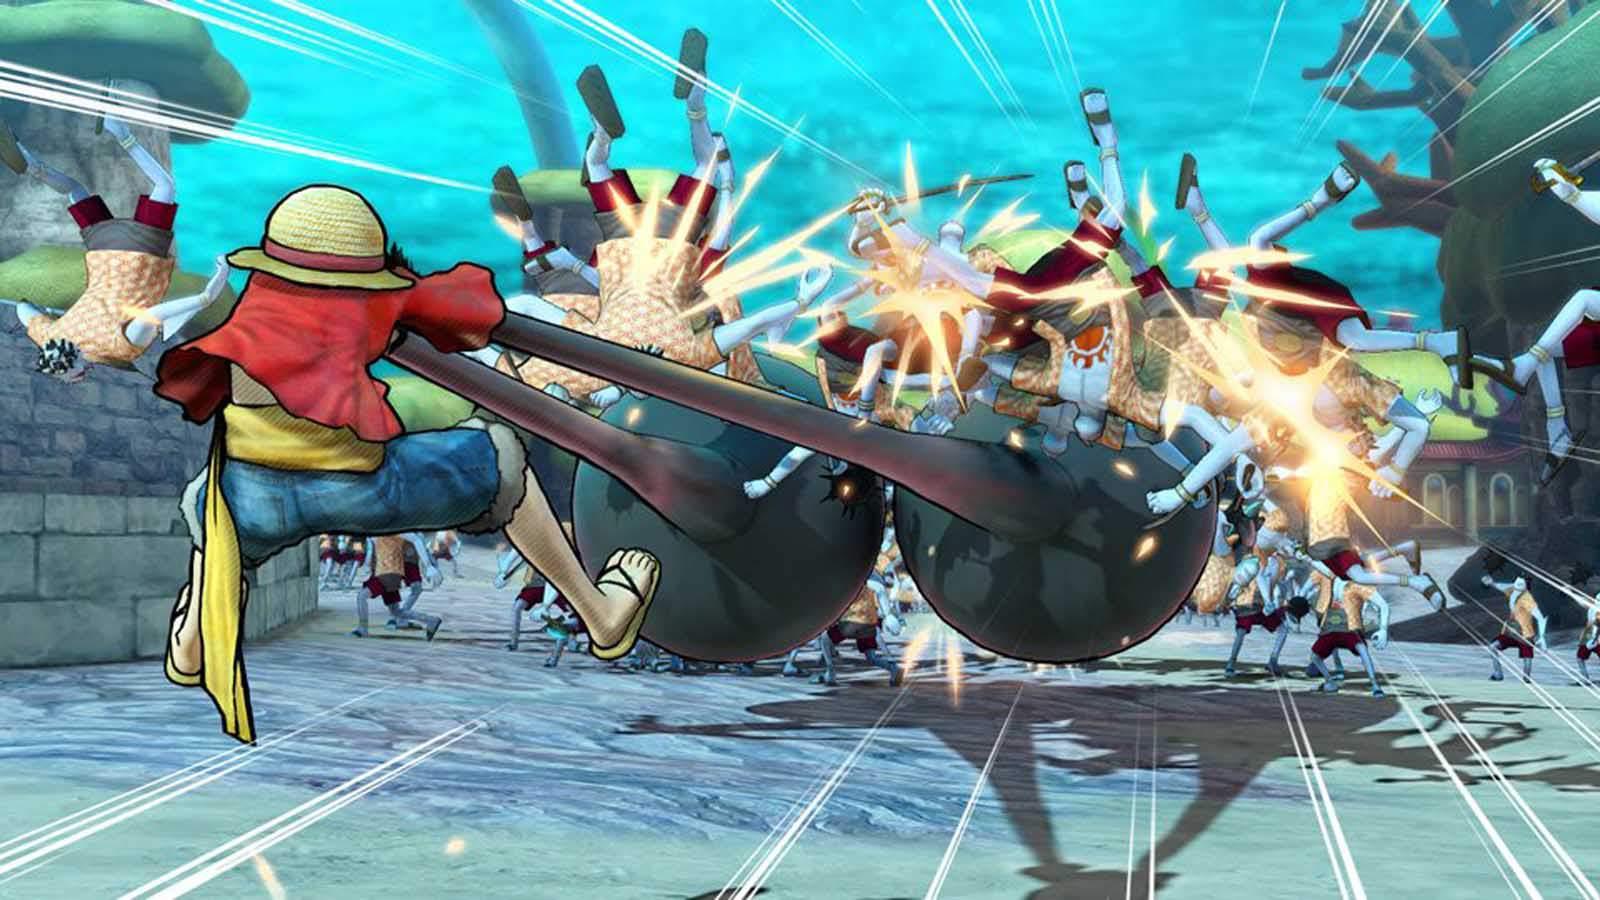 تحميل لعبة One Piece Pirate Warriors 3 مضغوطة كاملة بروابط مباشرة مجانا